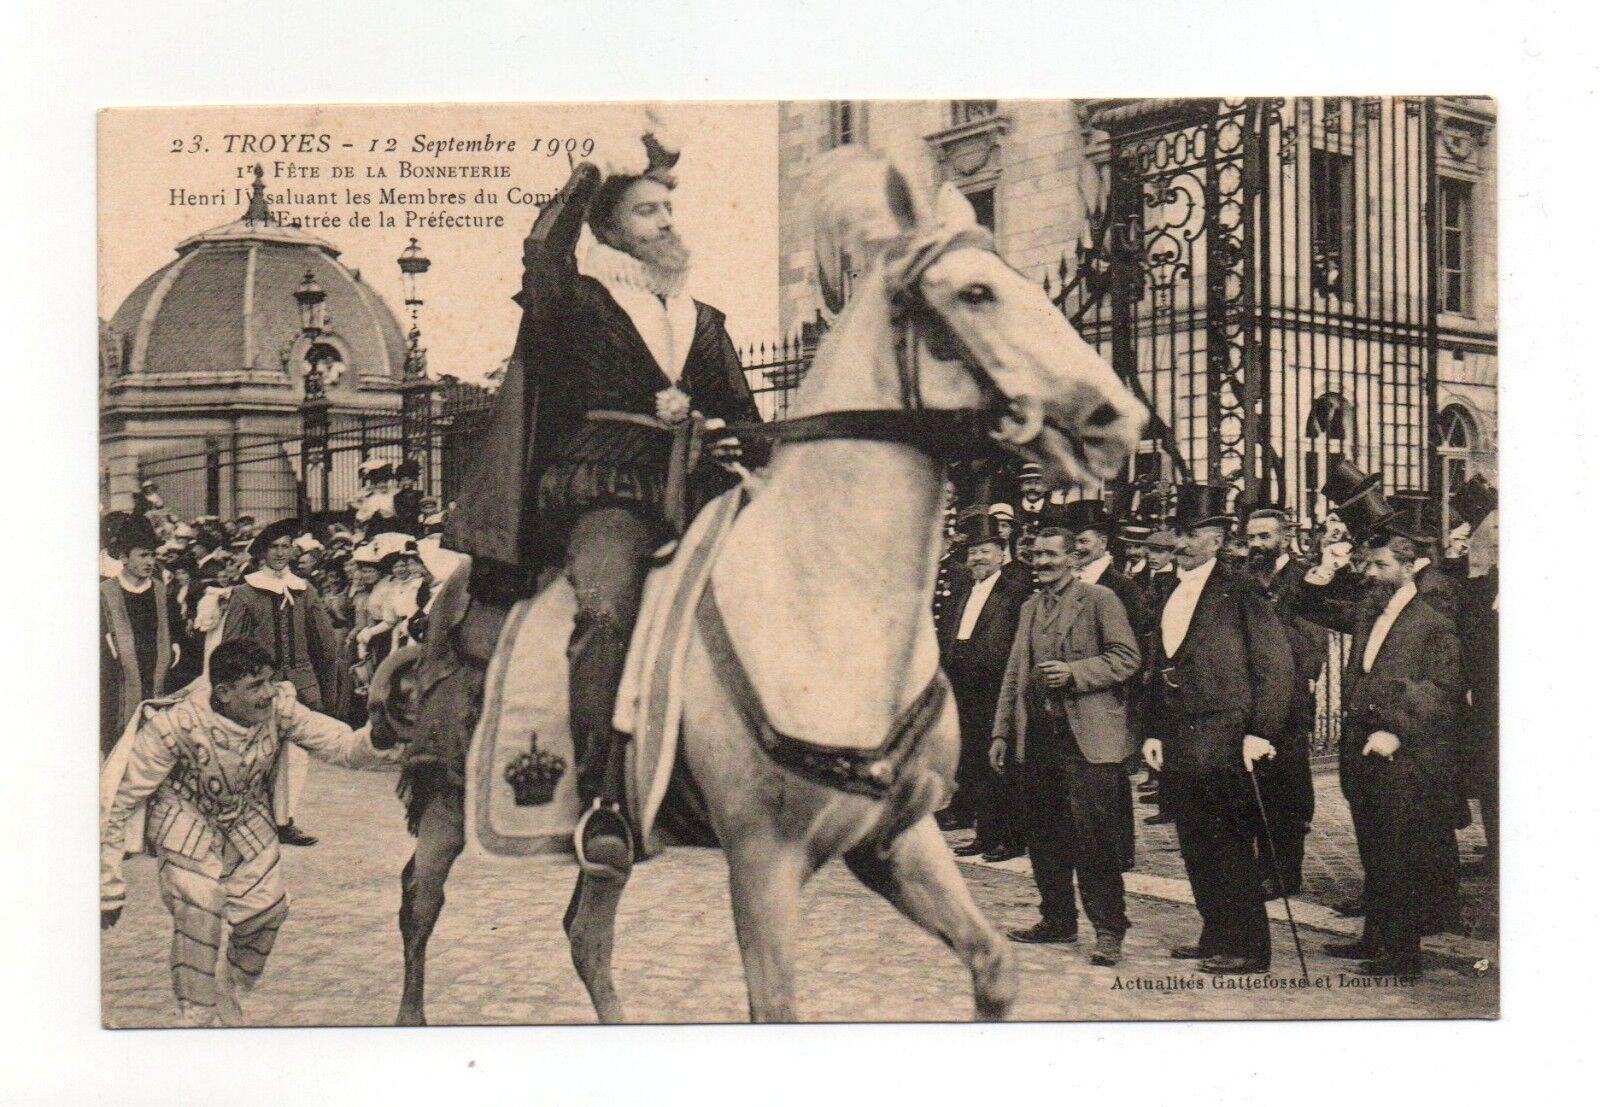 Troyes - fête de la bonnetière - 1909 - henri iv   (a2014)